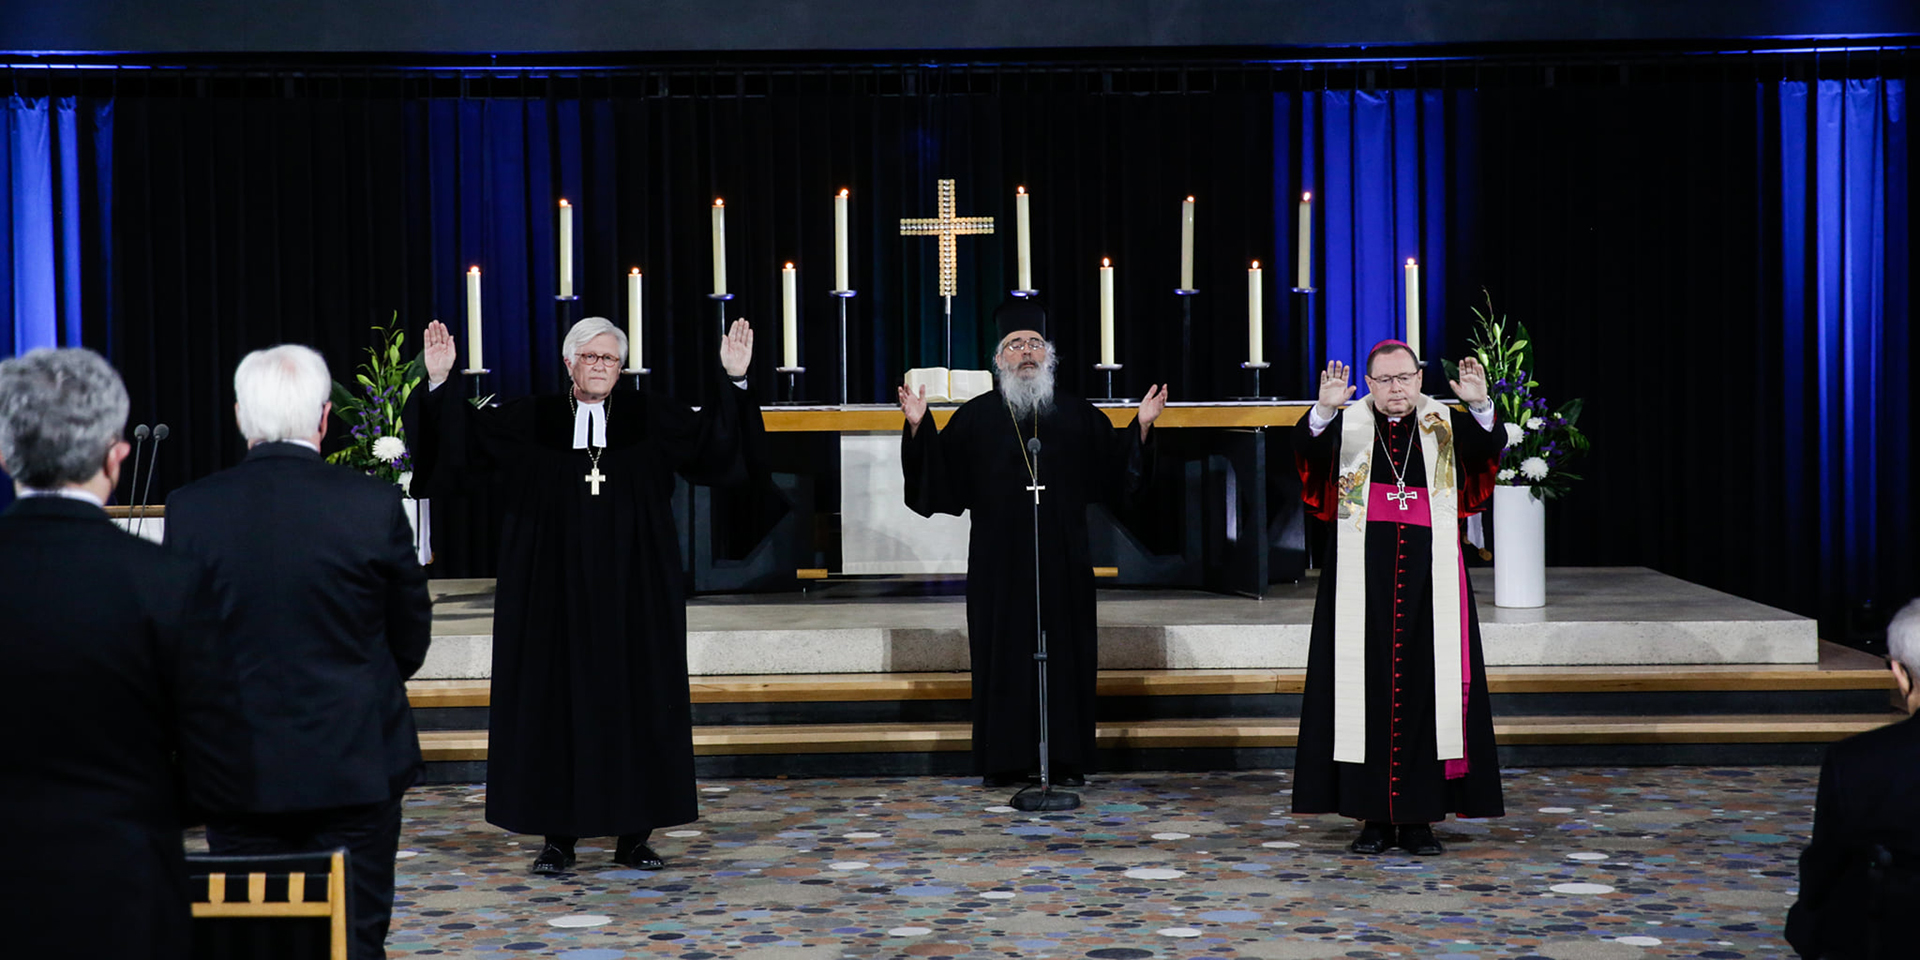 Ökumenischer Gottesdienst für die Verstorbenen in der Corona-Pandemie